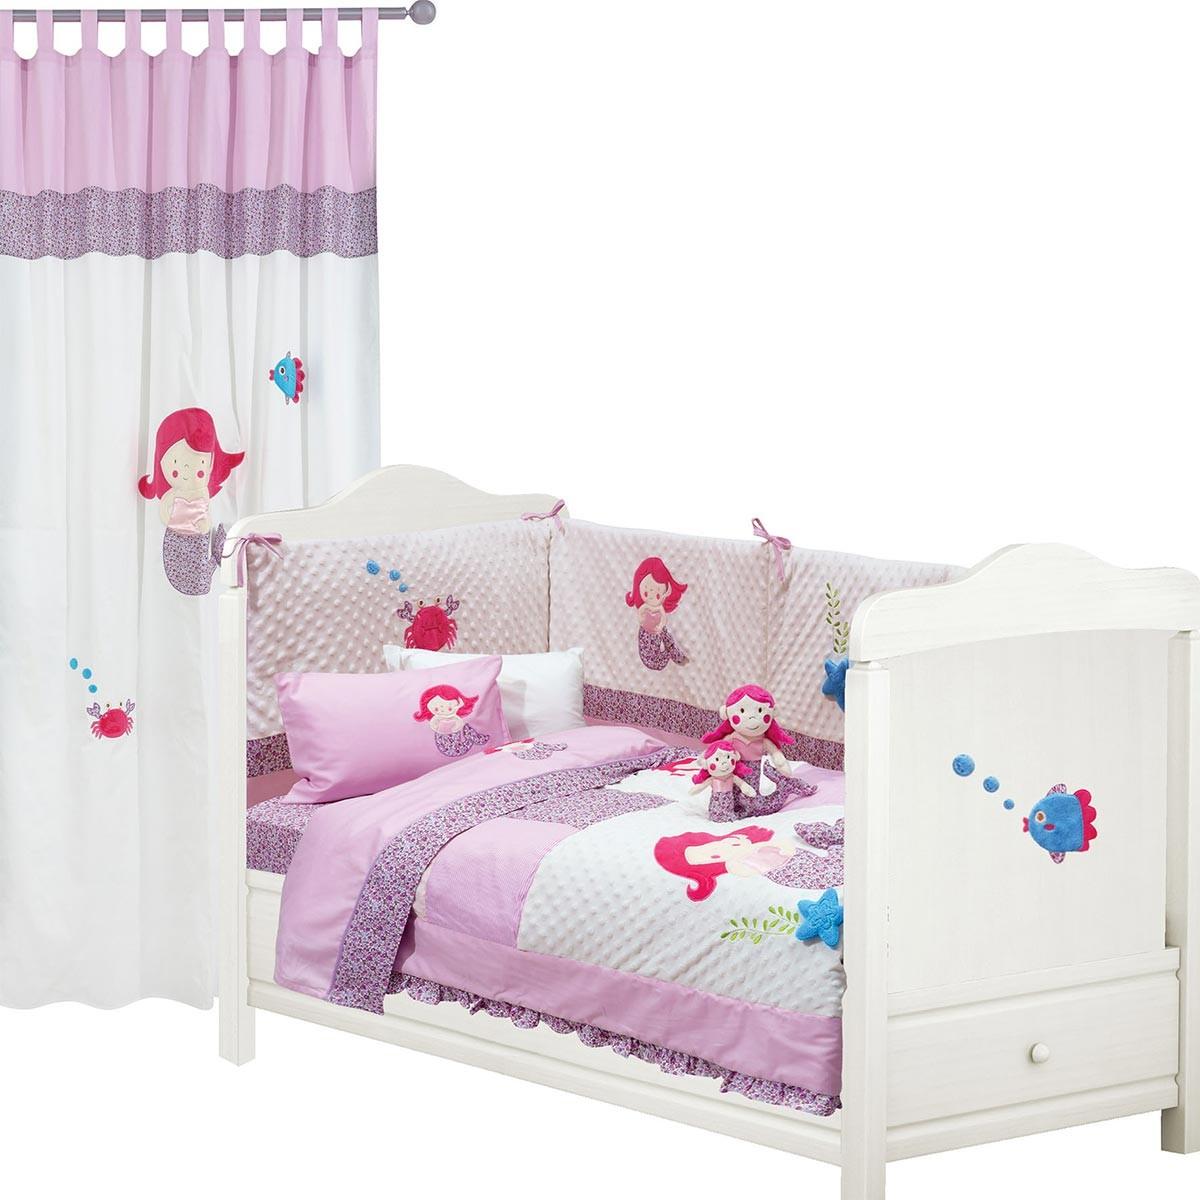 Σεντόνια Κούνιας (Σετ) Das Home Dream Embroidery 6395 66768